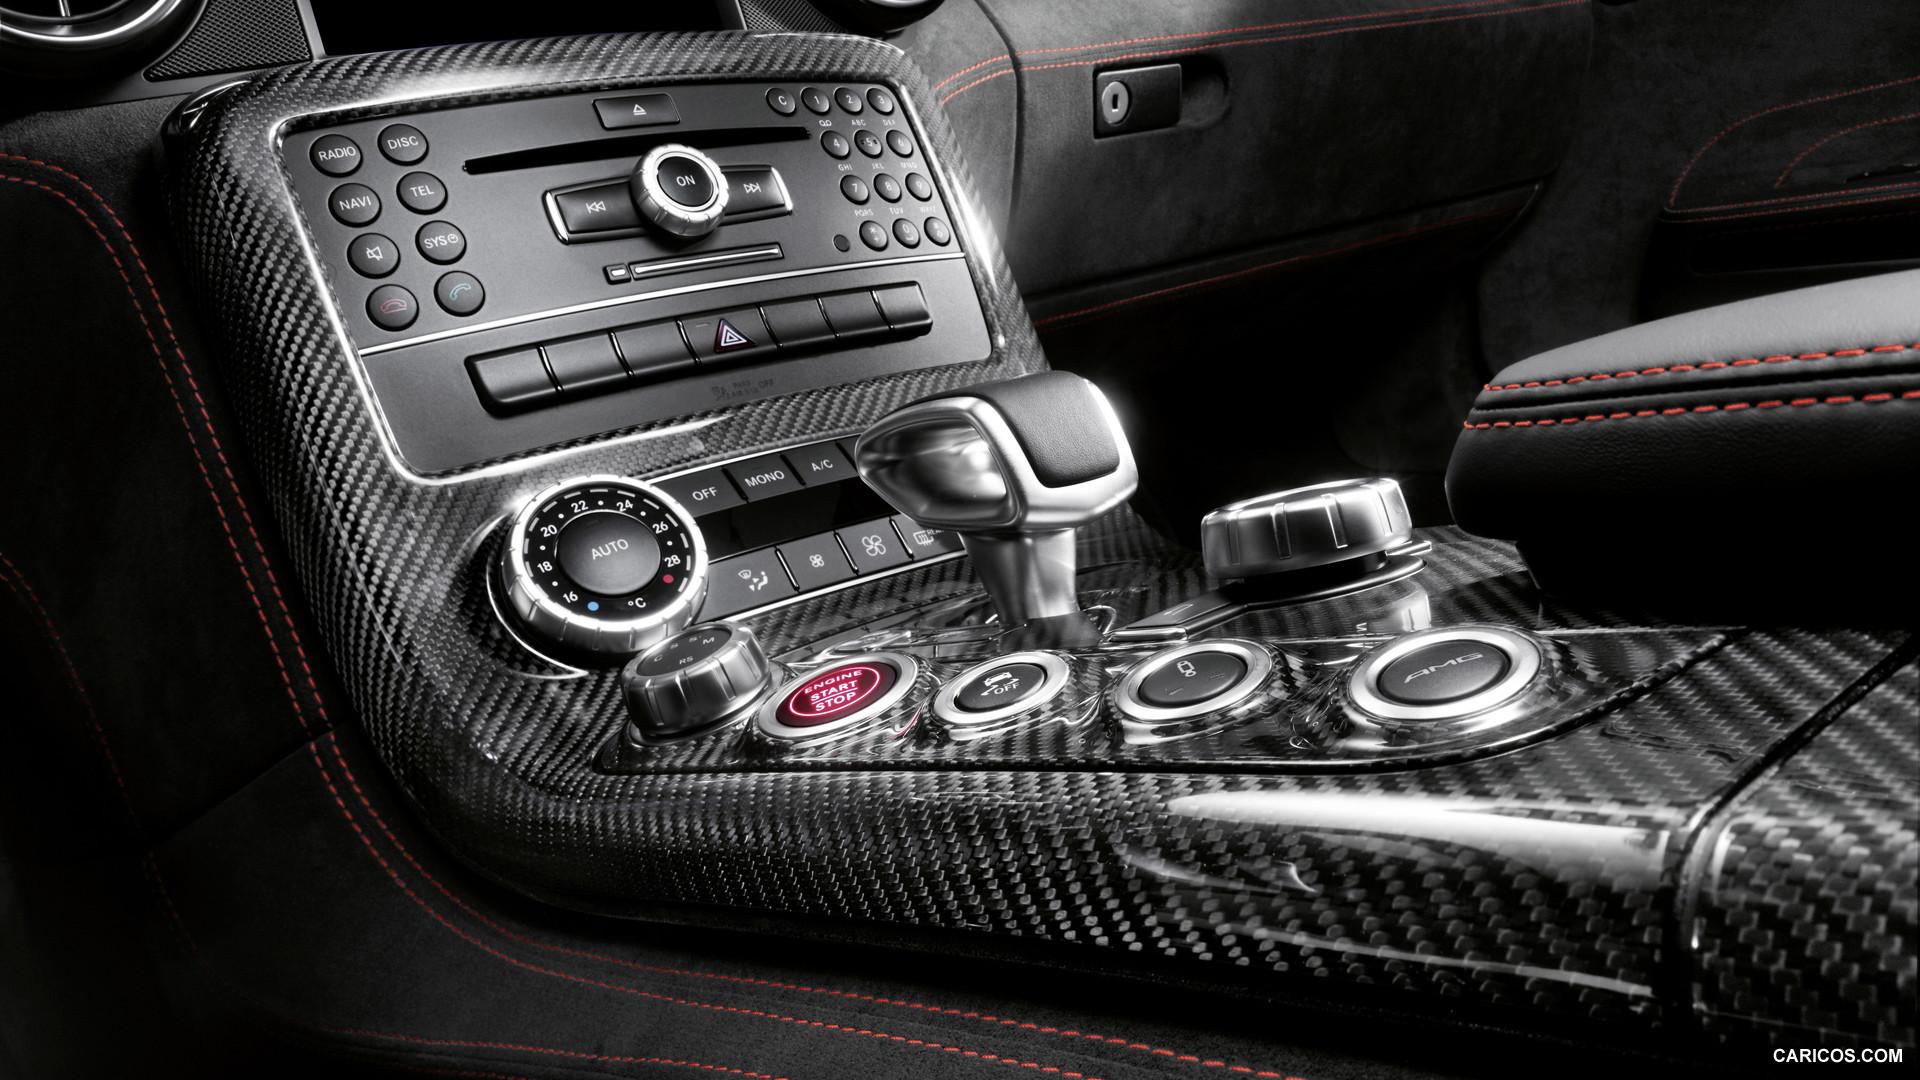 Mercedes Benz SLS AMG 2010 HD Wide Wallpaper for Widescreen (72 Wallpapers)  – HD Wallpapers